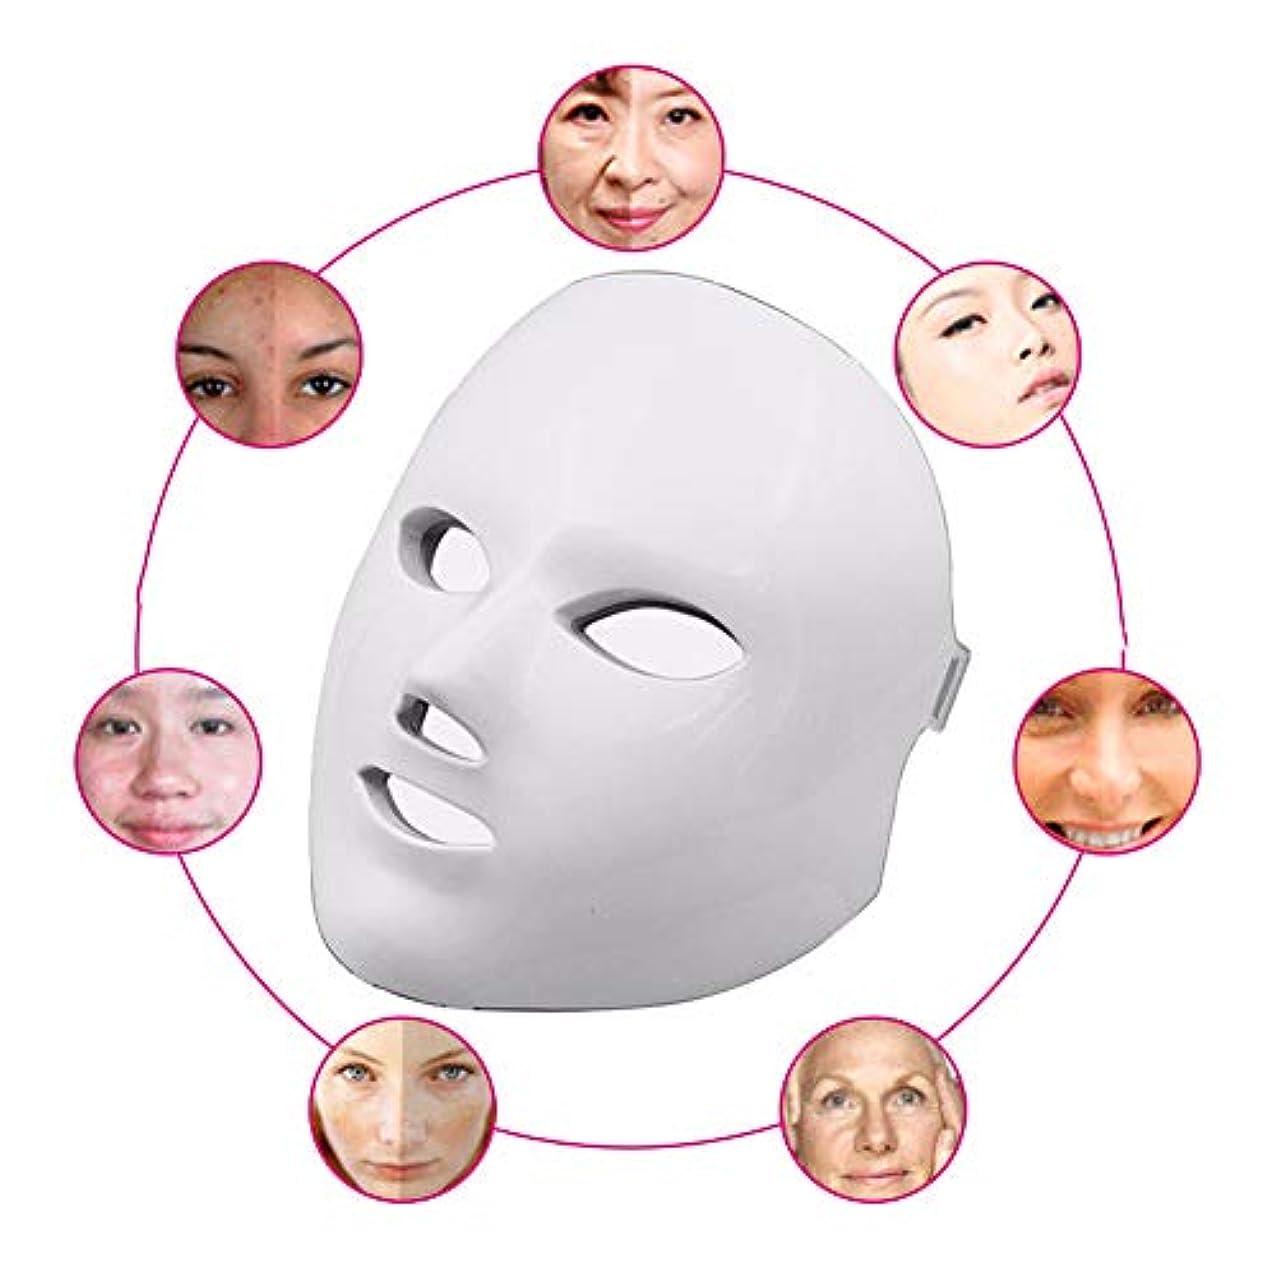 北方大きなスケールで見るとうまくやる()赤色光光子治療機7色ledマスク再生PDT抗にきびしわ顔の美しさマッサージツール,White